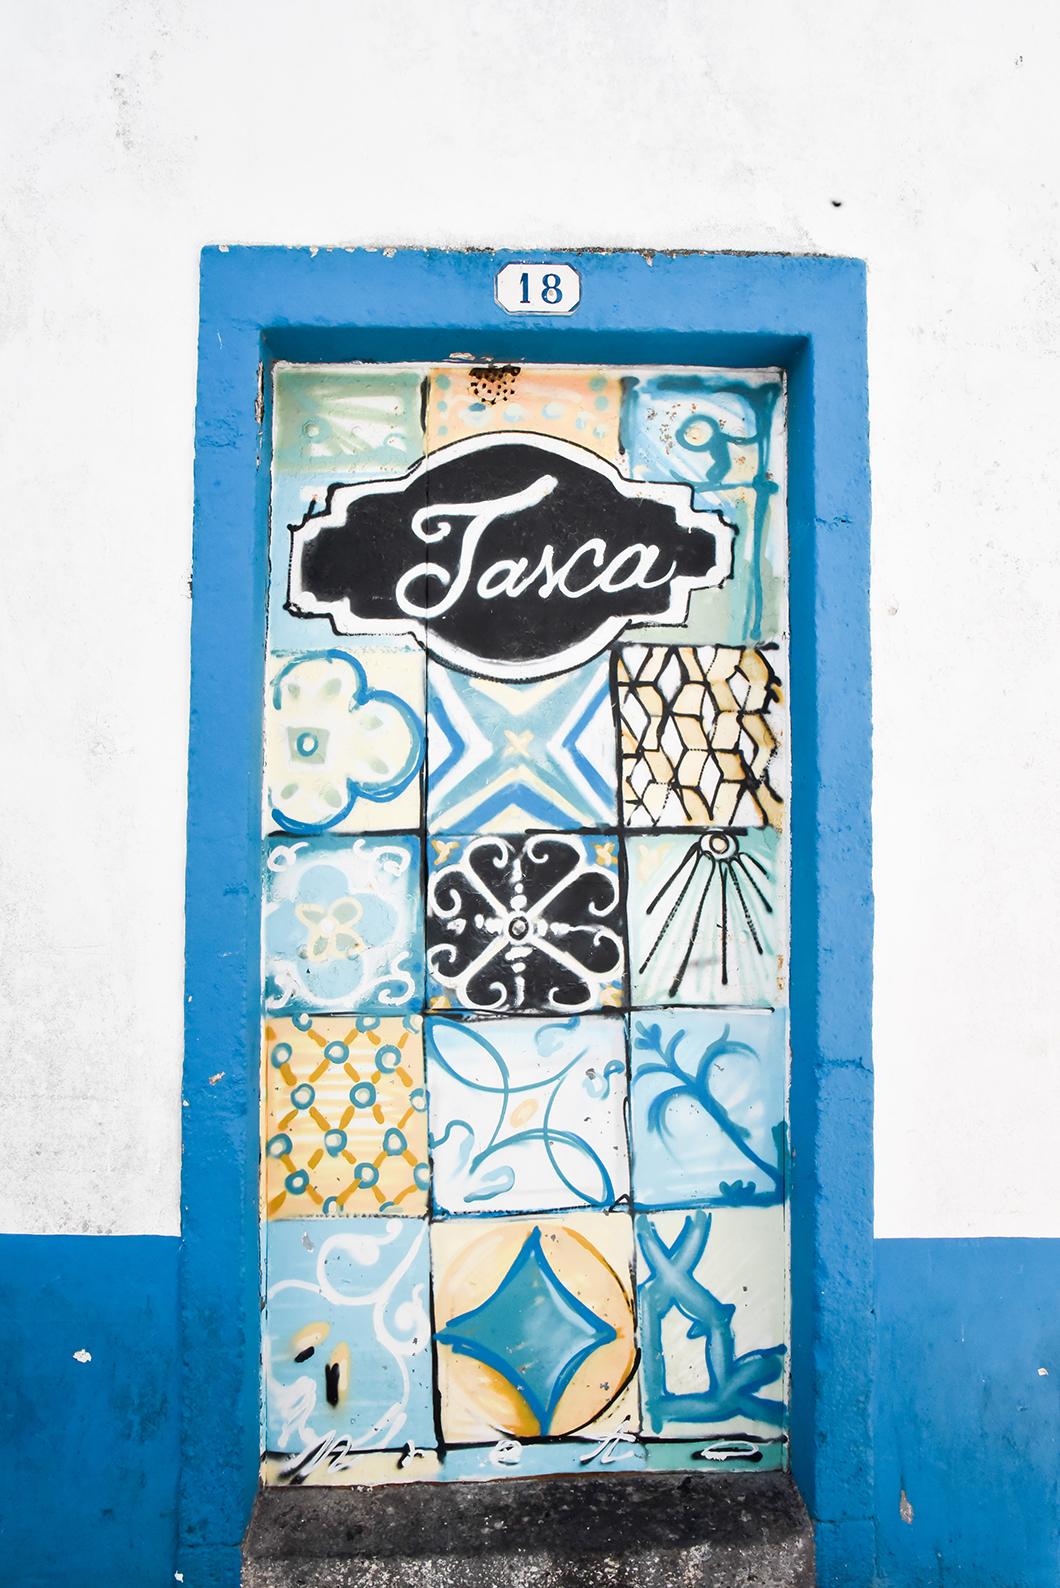 A Tasca, le meilleur restaurant de l'île de Sao Miguel dans les Açores